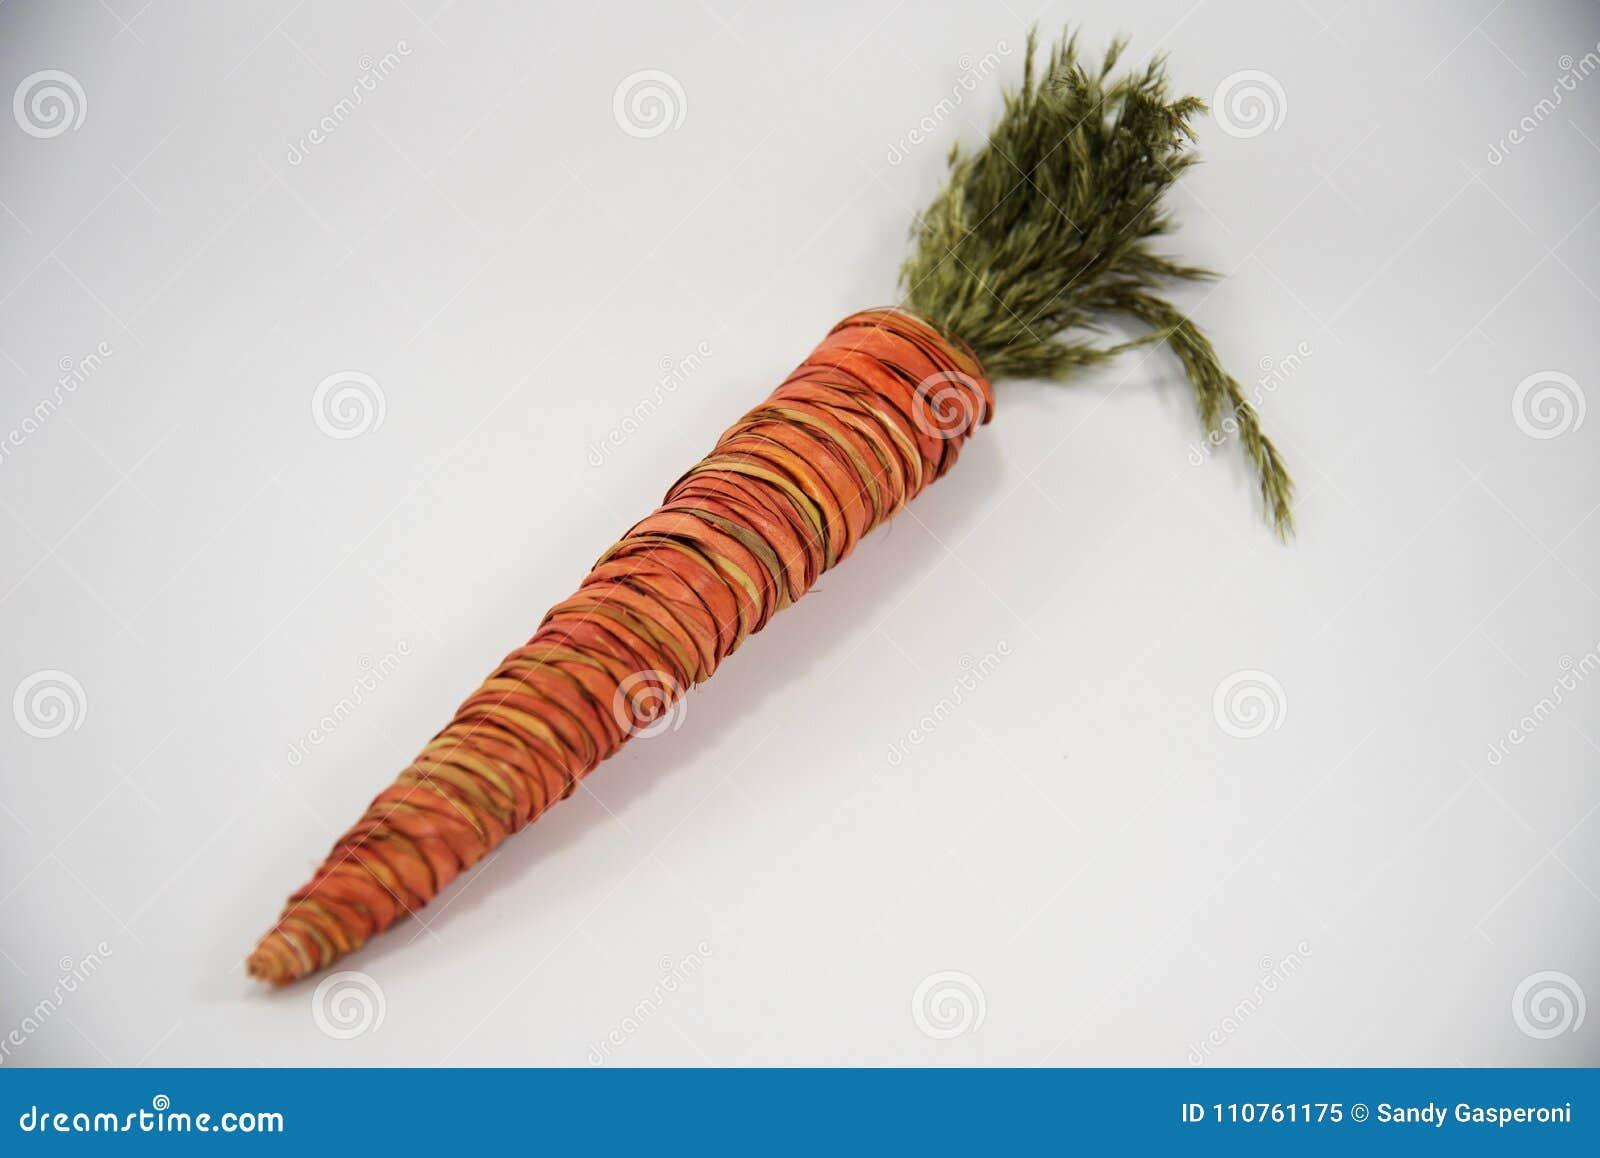 Carota arancio decorativa della paglia di Pasqua